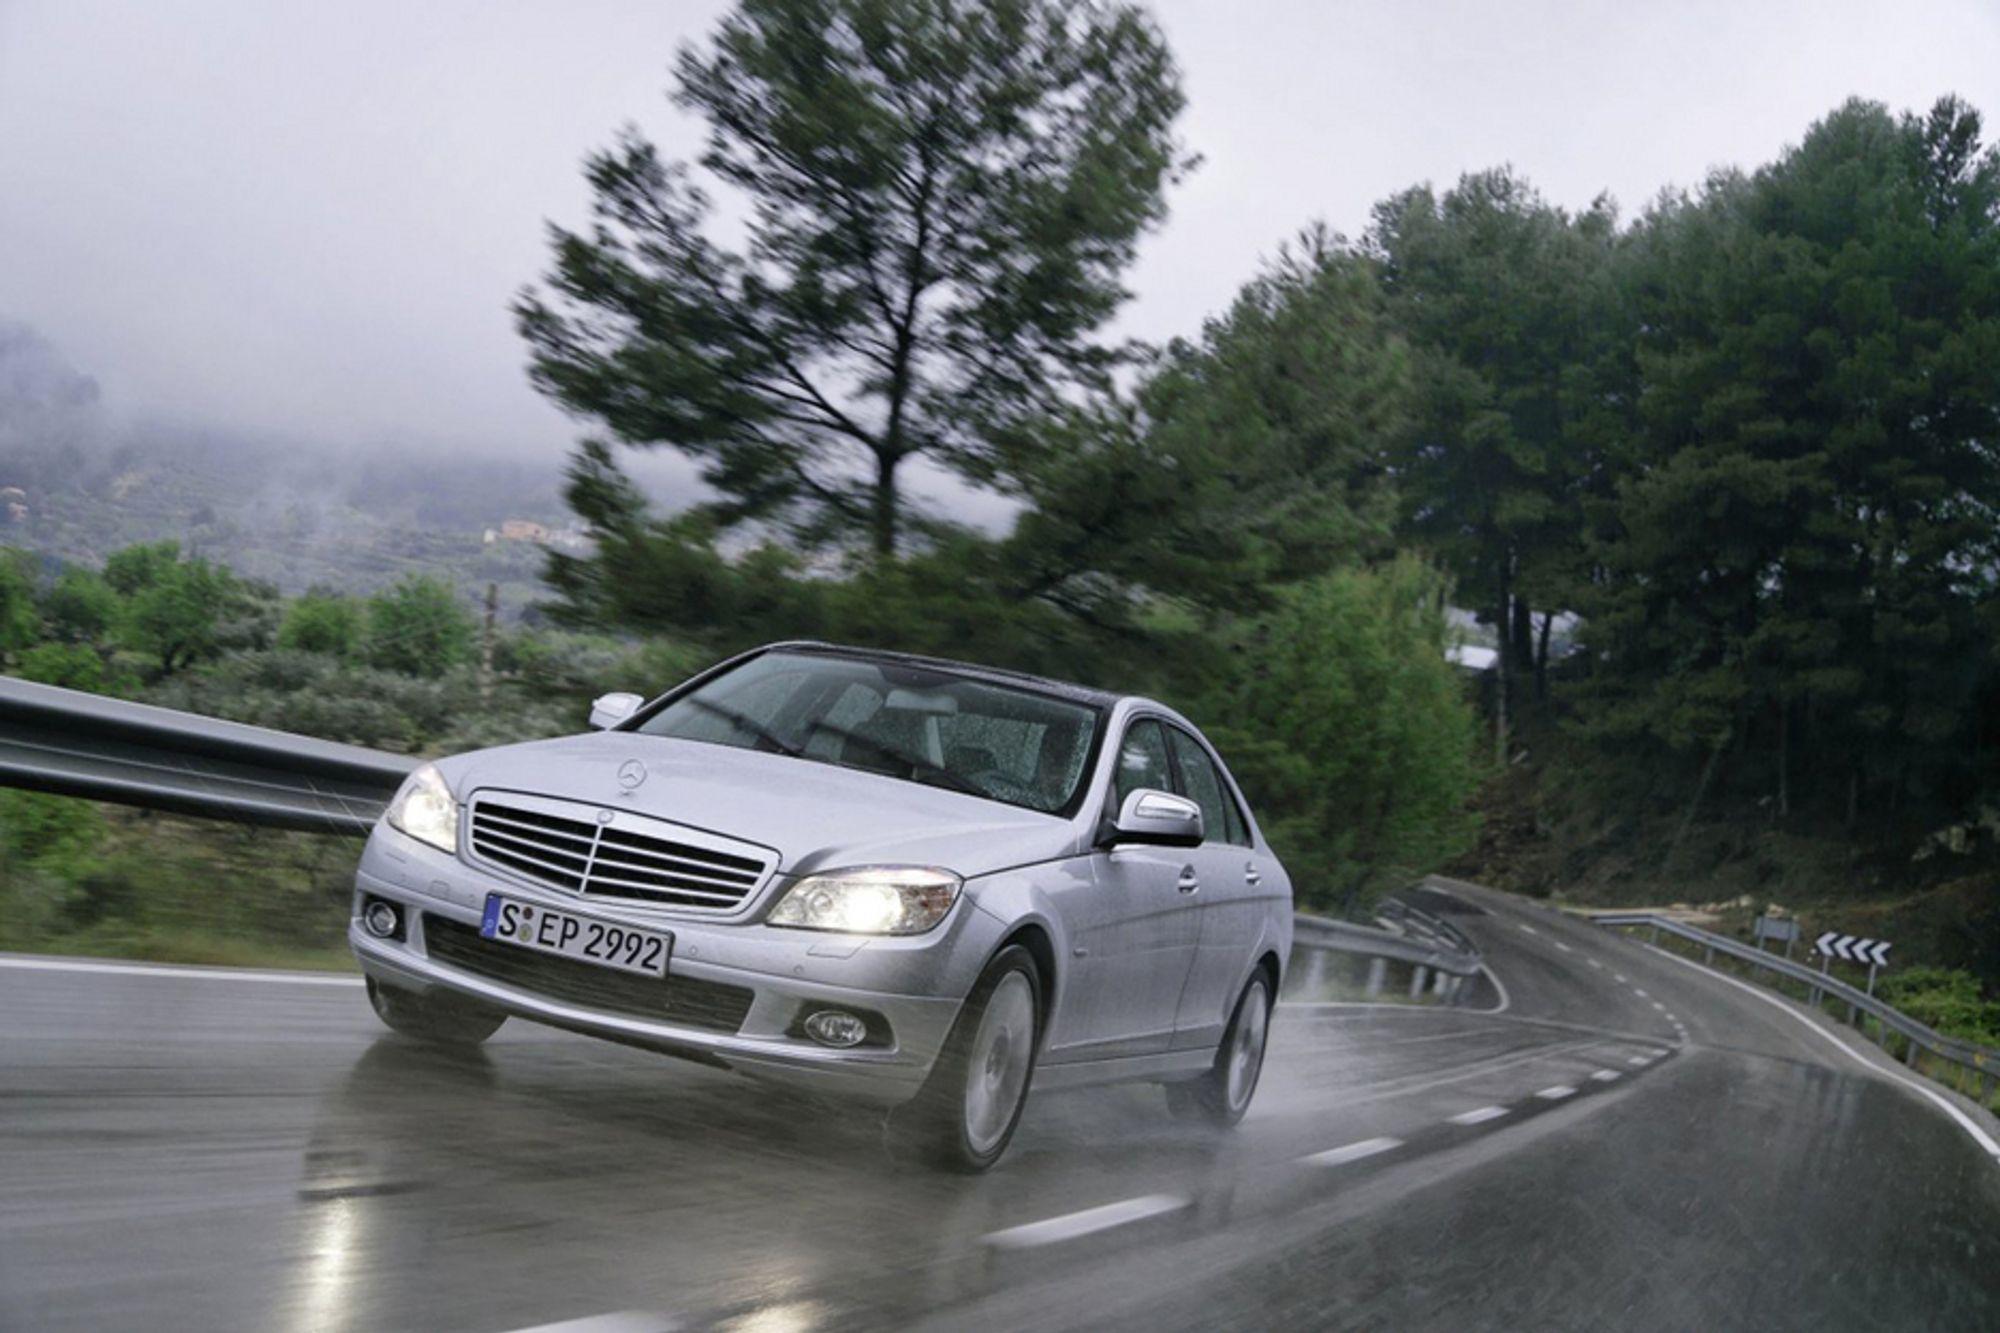 PÅ NØTTEOLJE: Denne Mercedesen går på olje utvunnet fra nøttene til Jatropha-busken. Dette kan være svaret på transportbransjens drøm om å finne en virkelig god arvtager til fossildieseldrivstoffene.